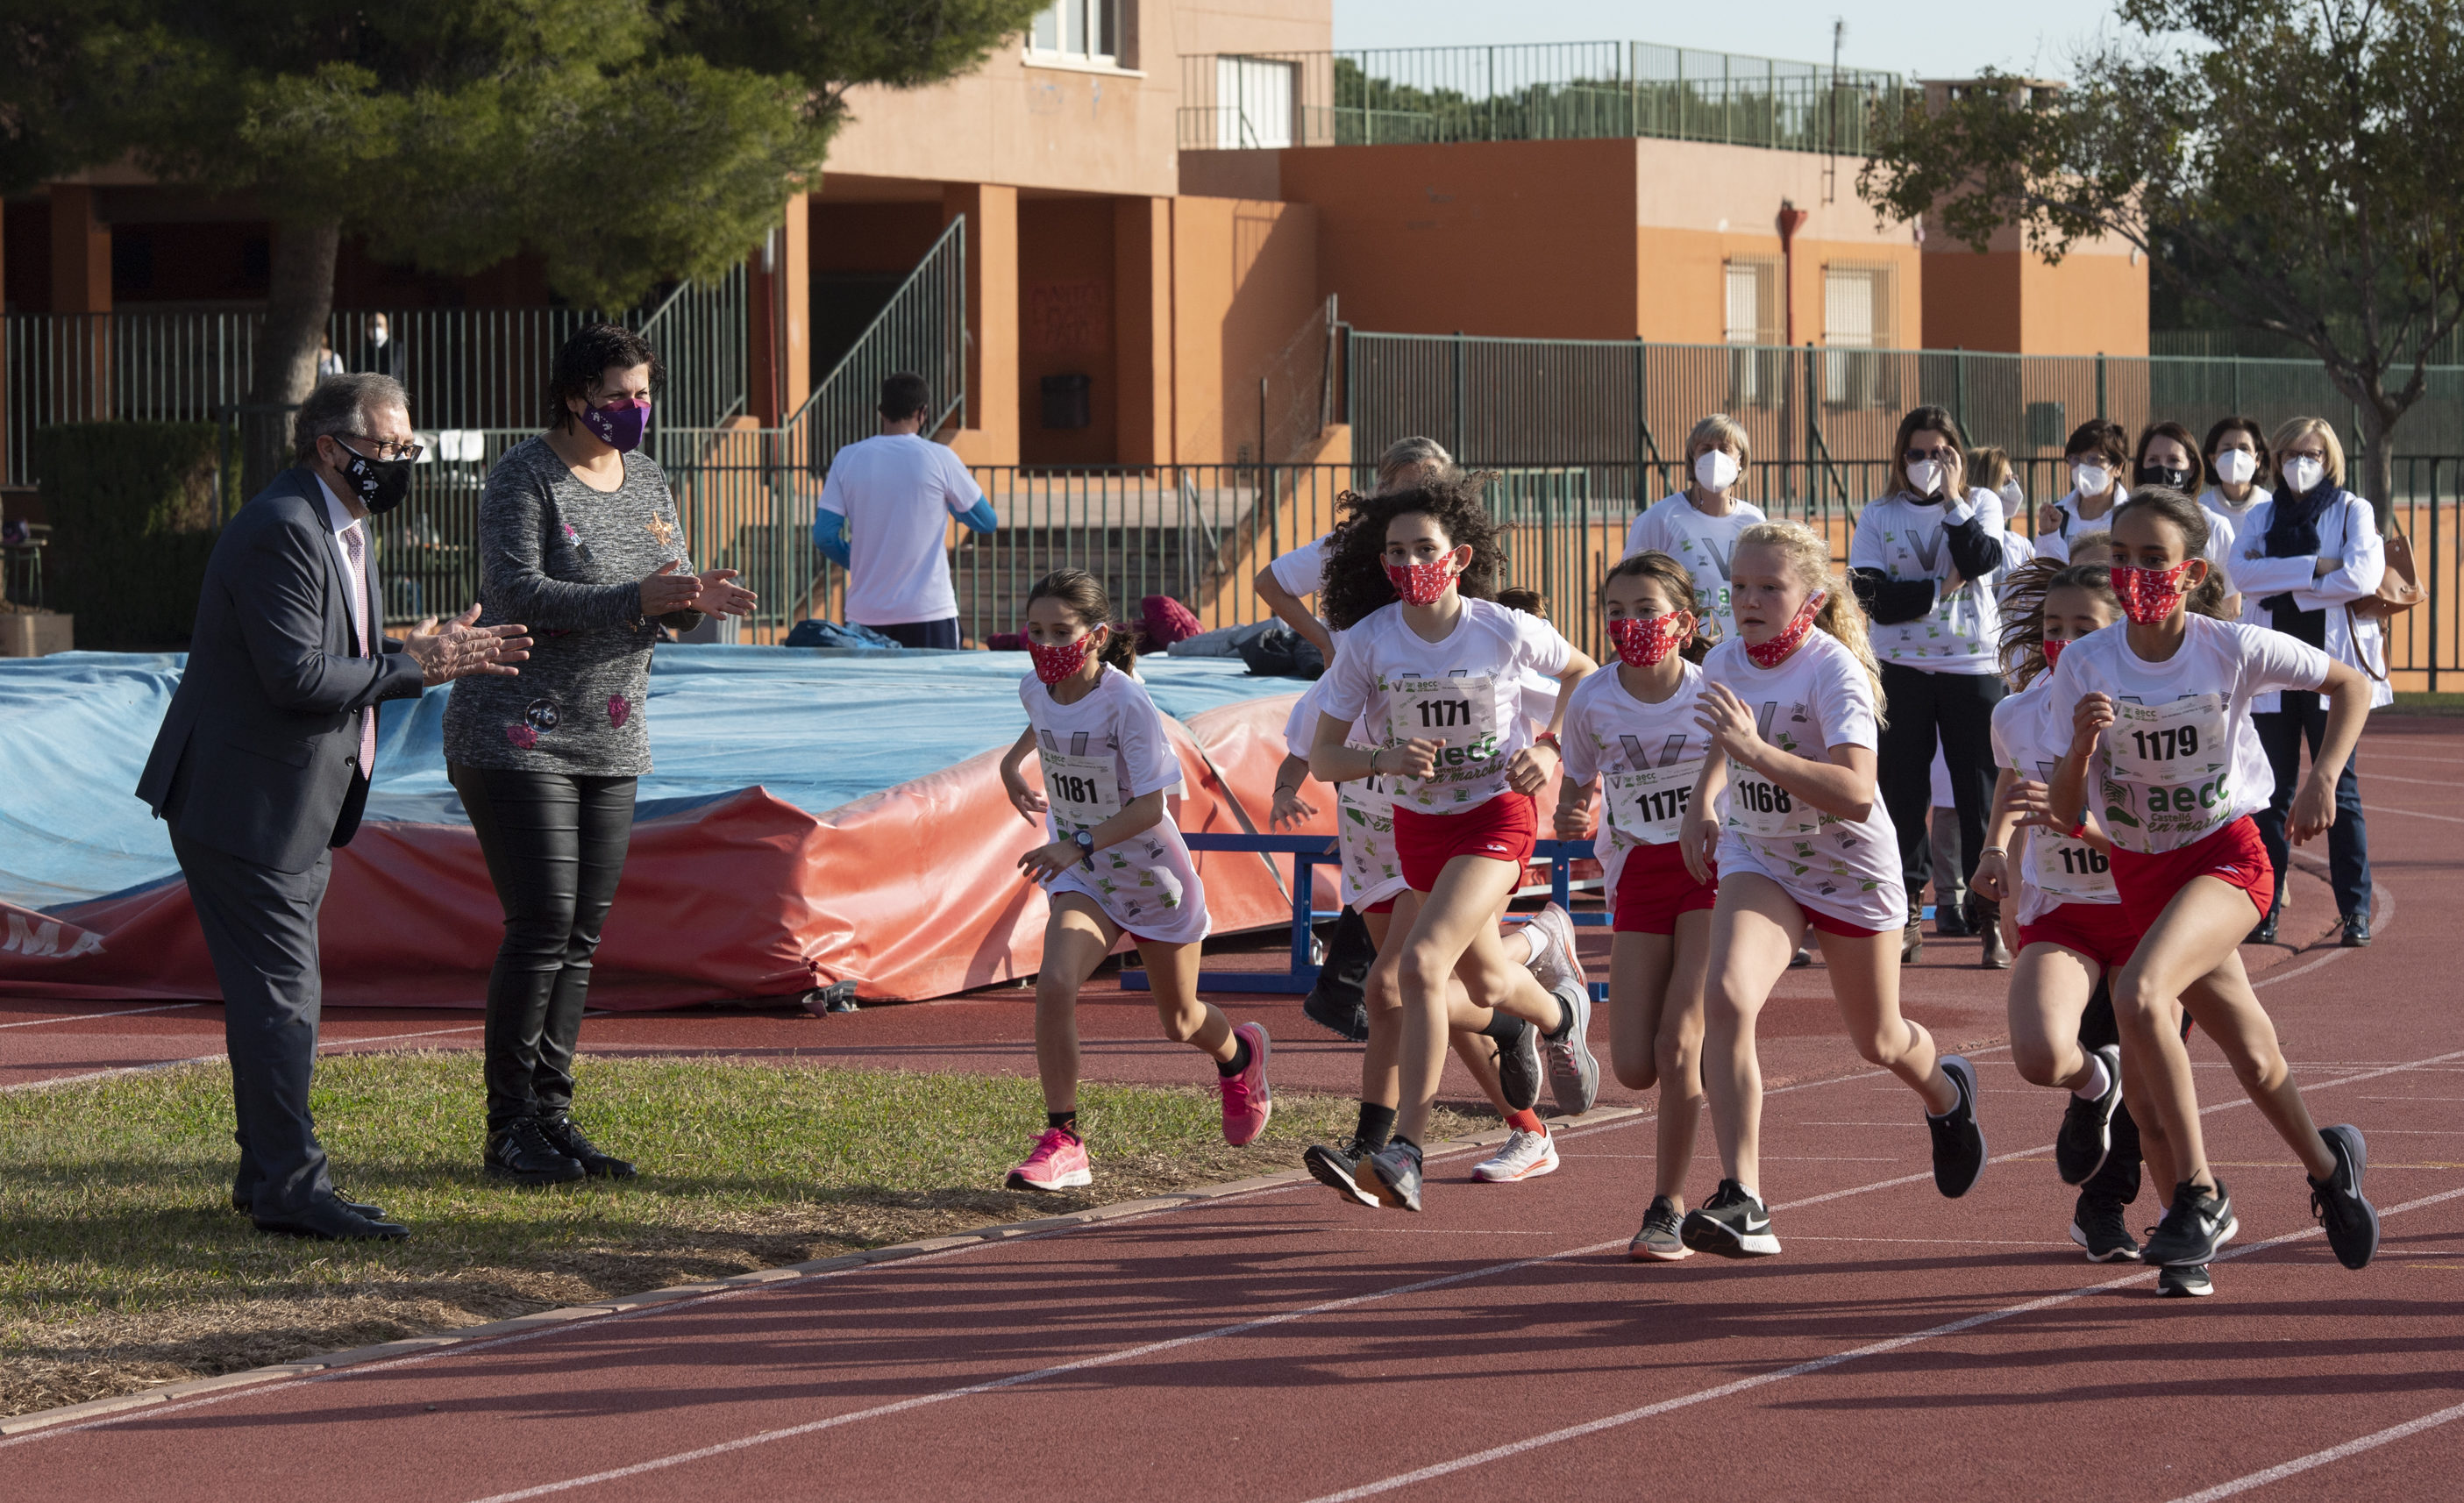 PenyetaRoja busca fins al 4 de maig a joves per a formar-los en l'elit de l'esport provincial